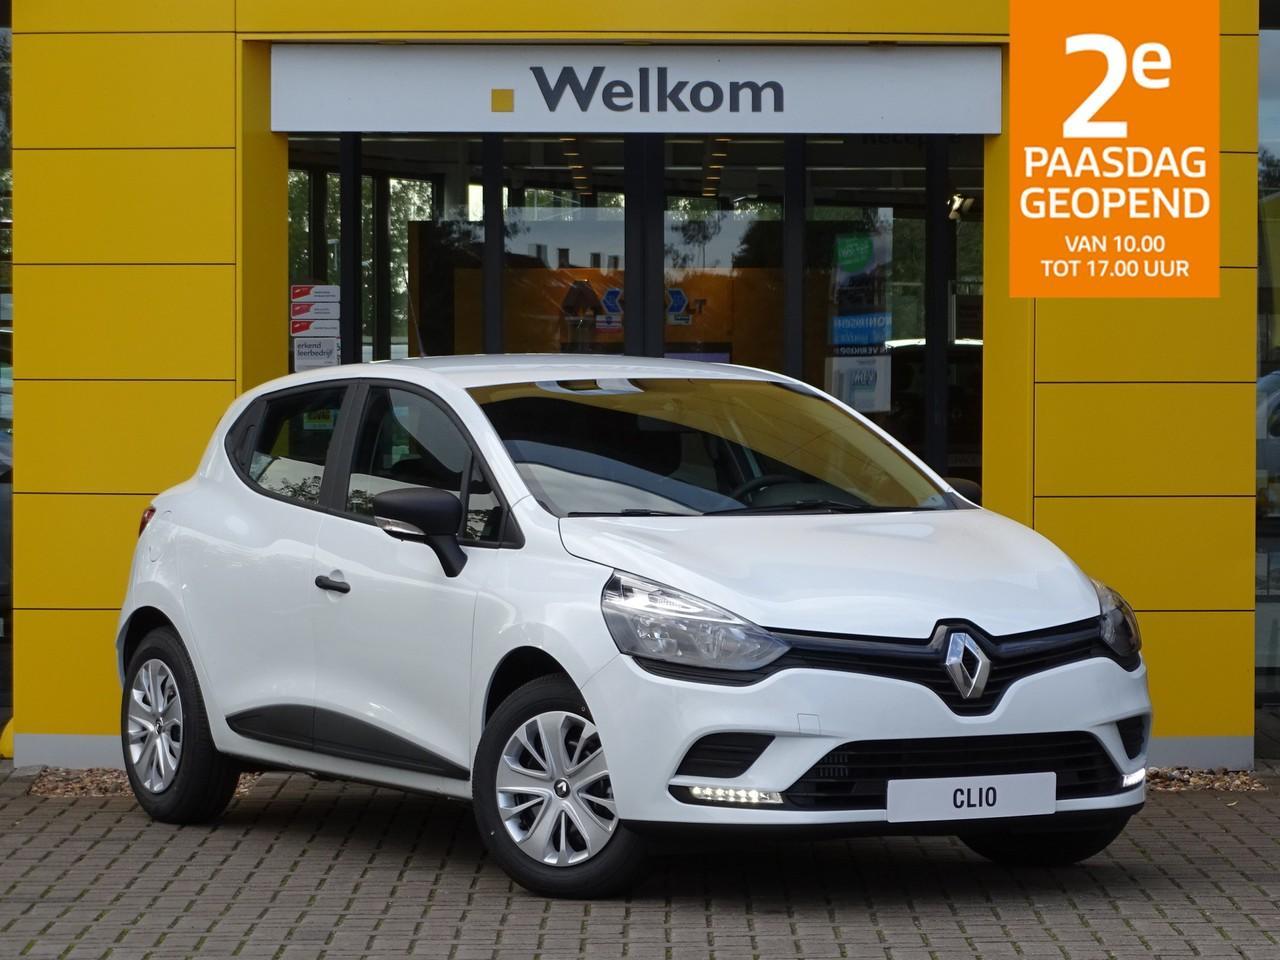 Renault Clio Tce 90pk private lease prijs